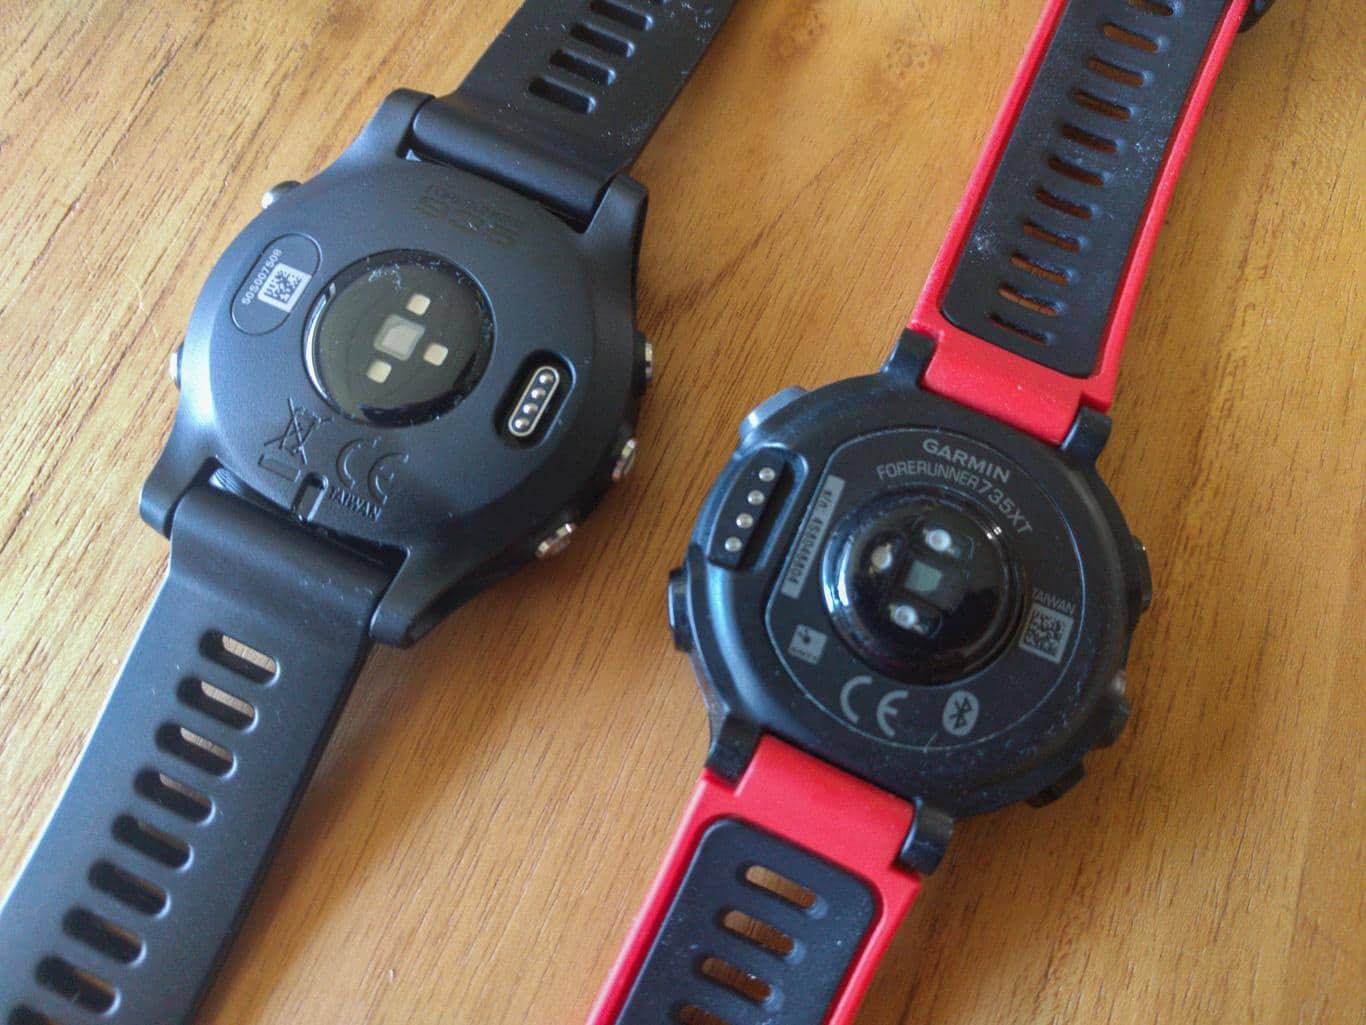 Garmin Forerunner 935 Im Ausfhrlichen Test Harlerunner Ein Black Elevate Sensor Der Und 735xt Vergleich